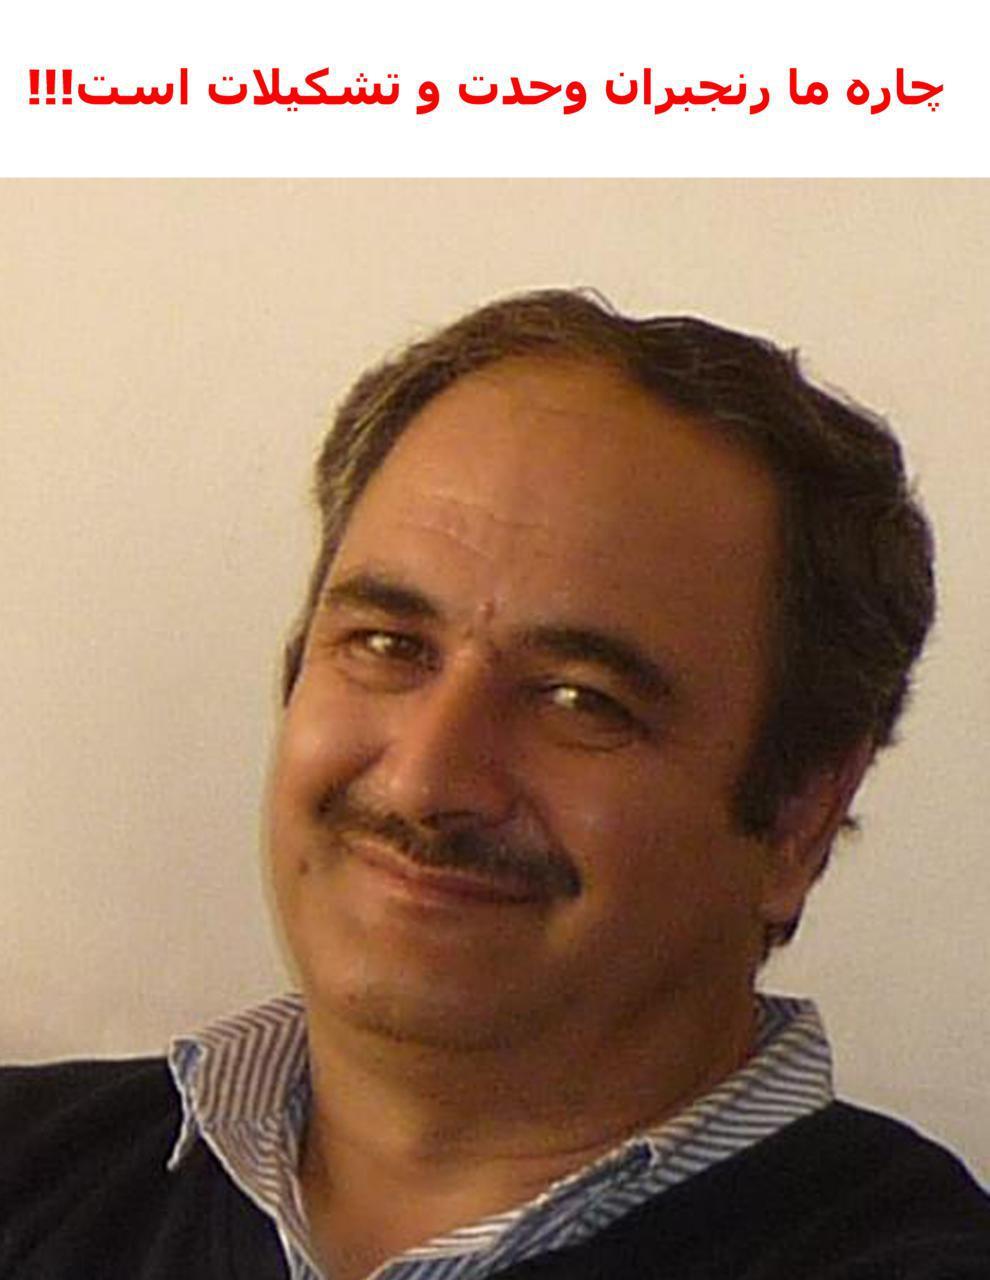 اطلاعیه زیر از طرف هیات موسس سندیکای کارگران نقاش تهران به دست ما رسیده است که منتشر می کنیم: